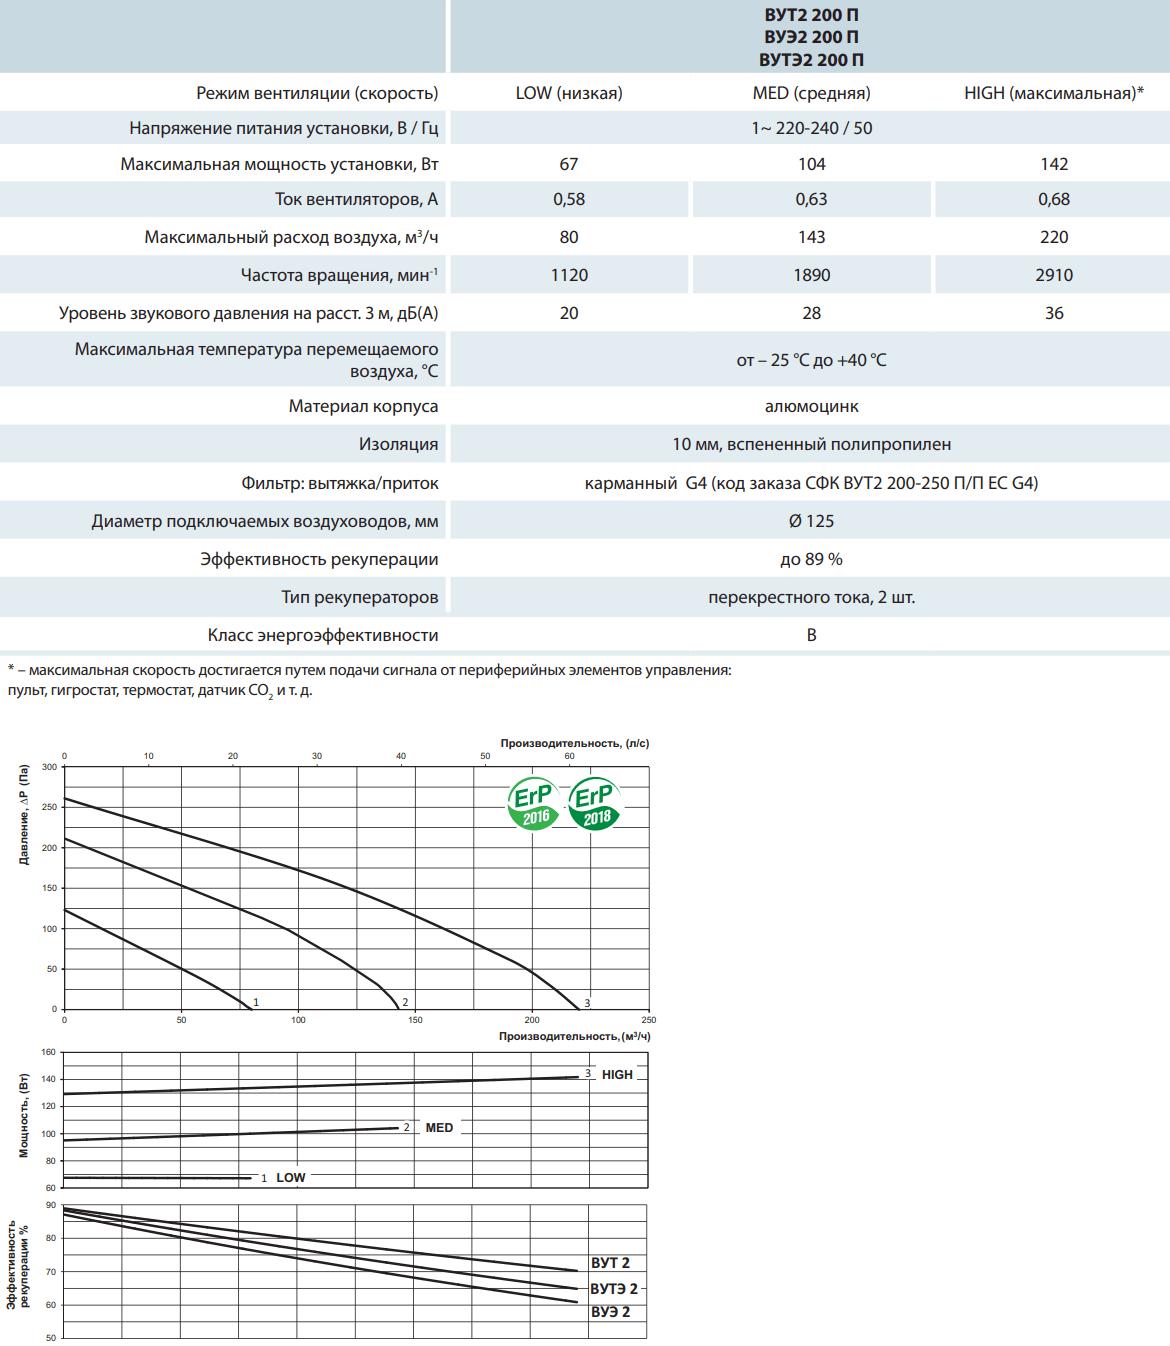 Приточно-вытяжная установка Вентс ВУТ2/ВУЭ2/ВУТЭ2 200 П - Технические характеристики